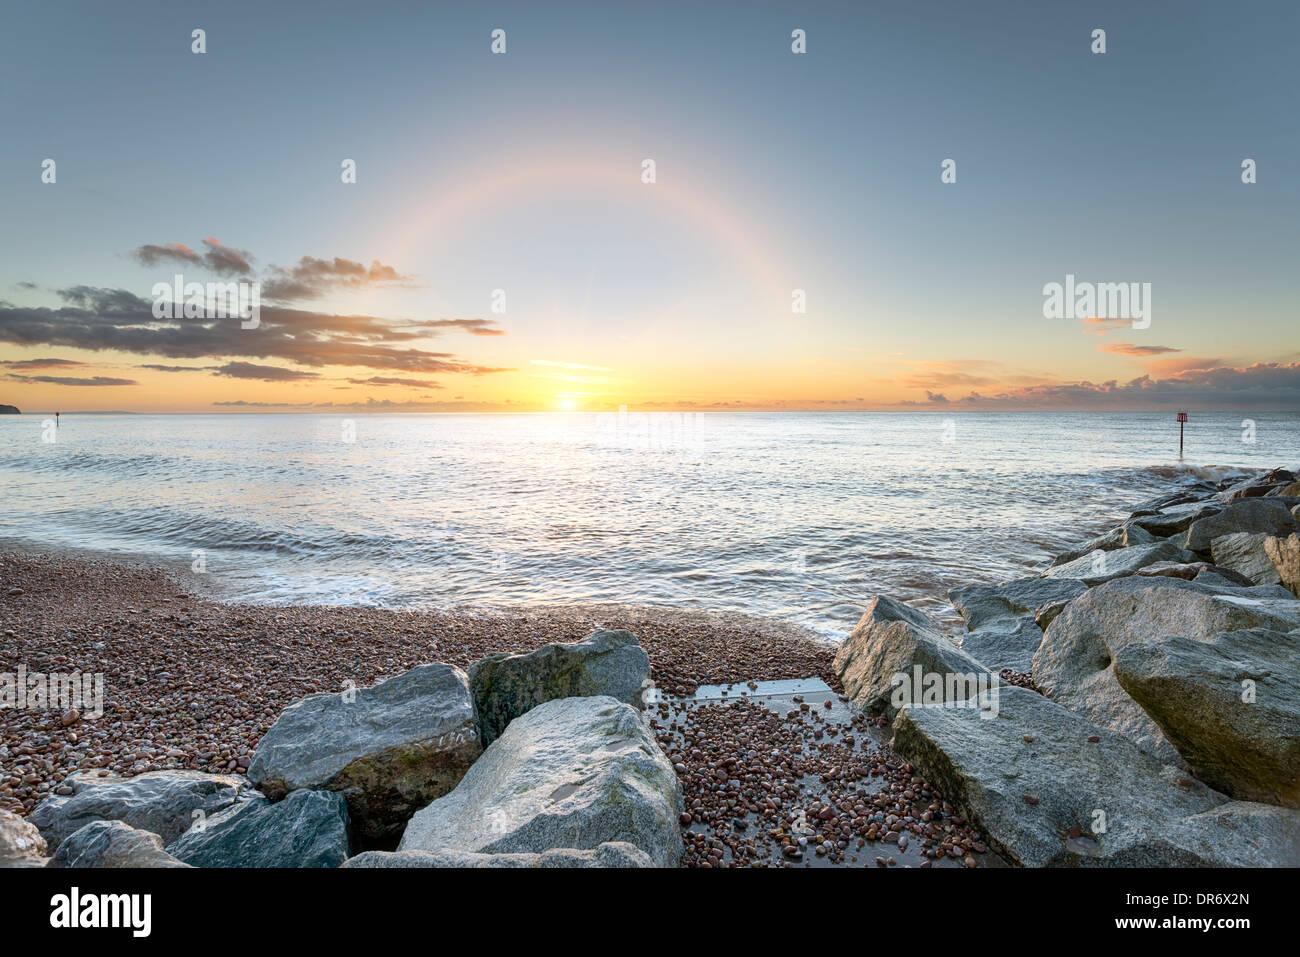 La plage et le rivage à Sidmouth sur la côte sud du Devon Photo Stock